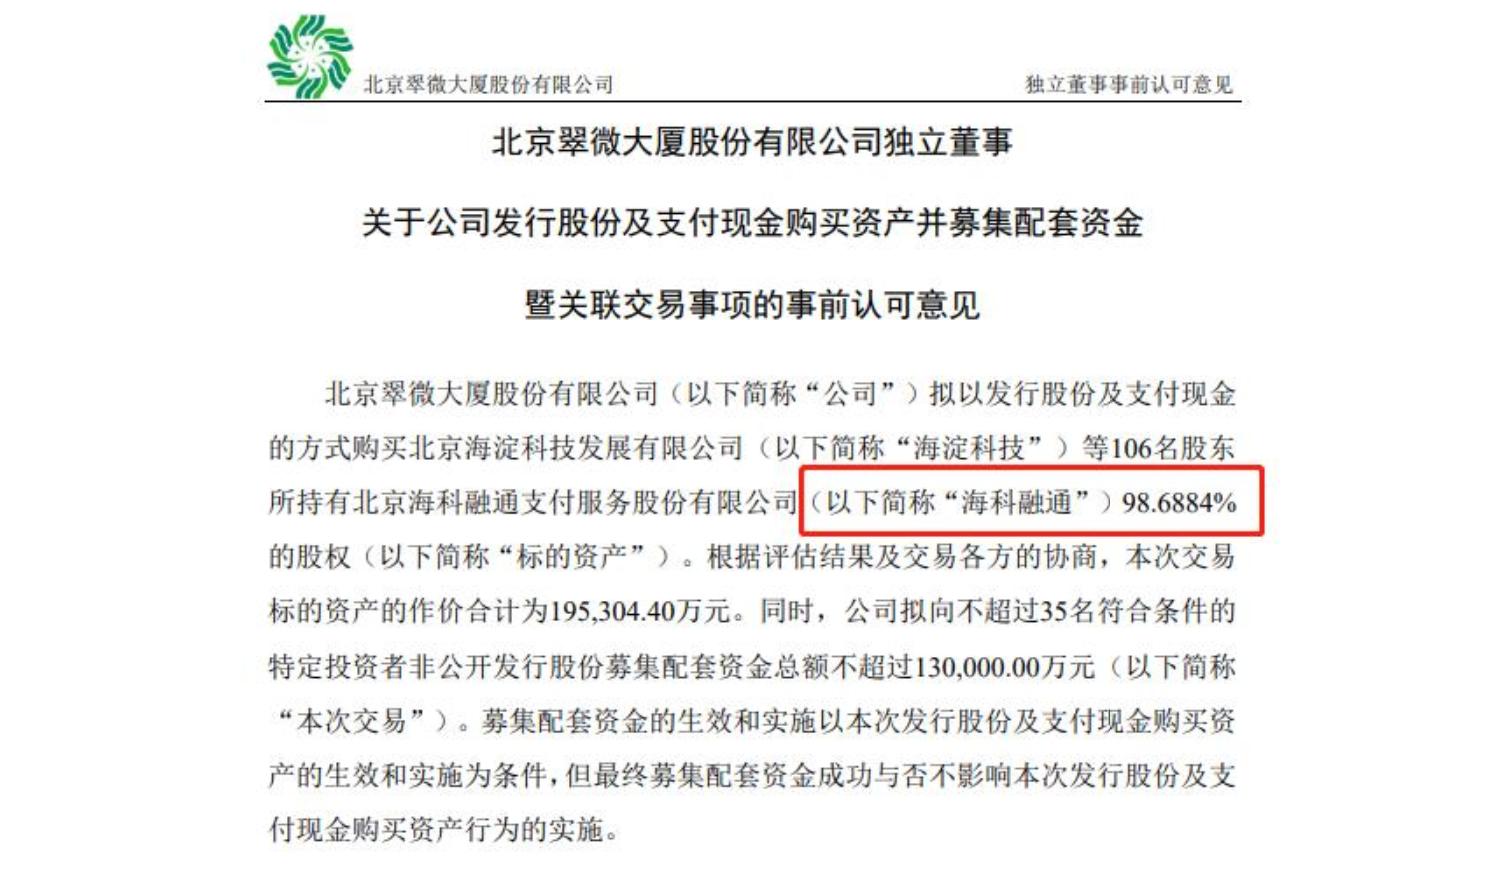 翠微股份发公示拟收购海科融通98%的股权